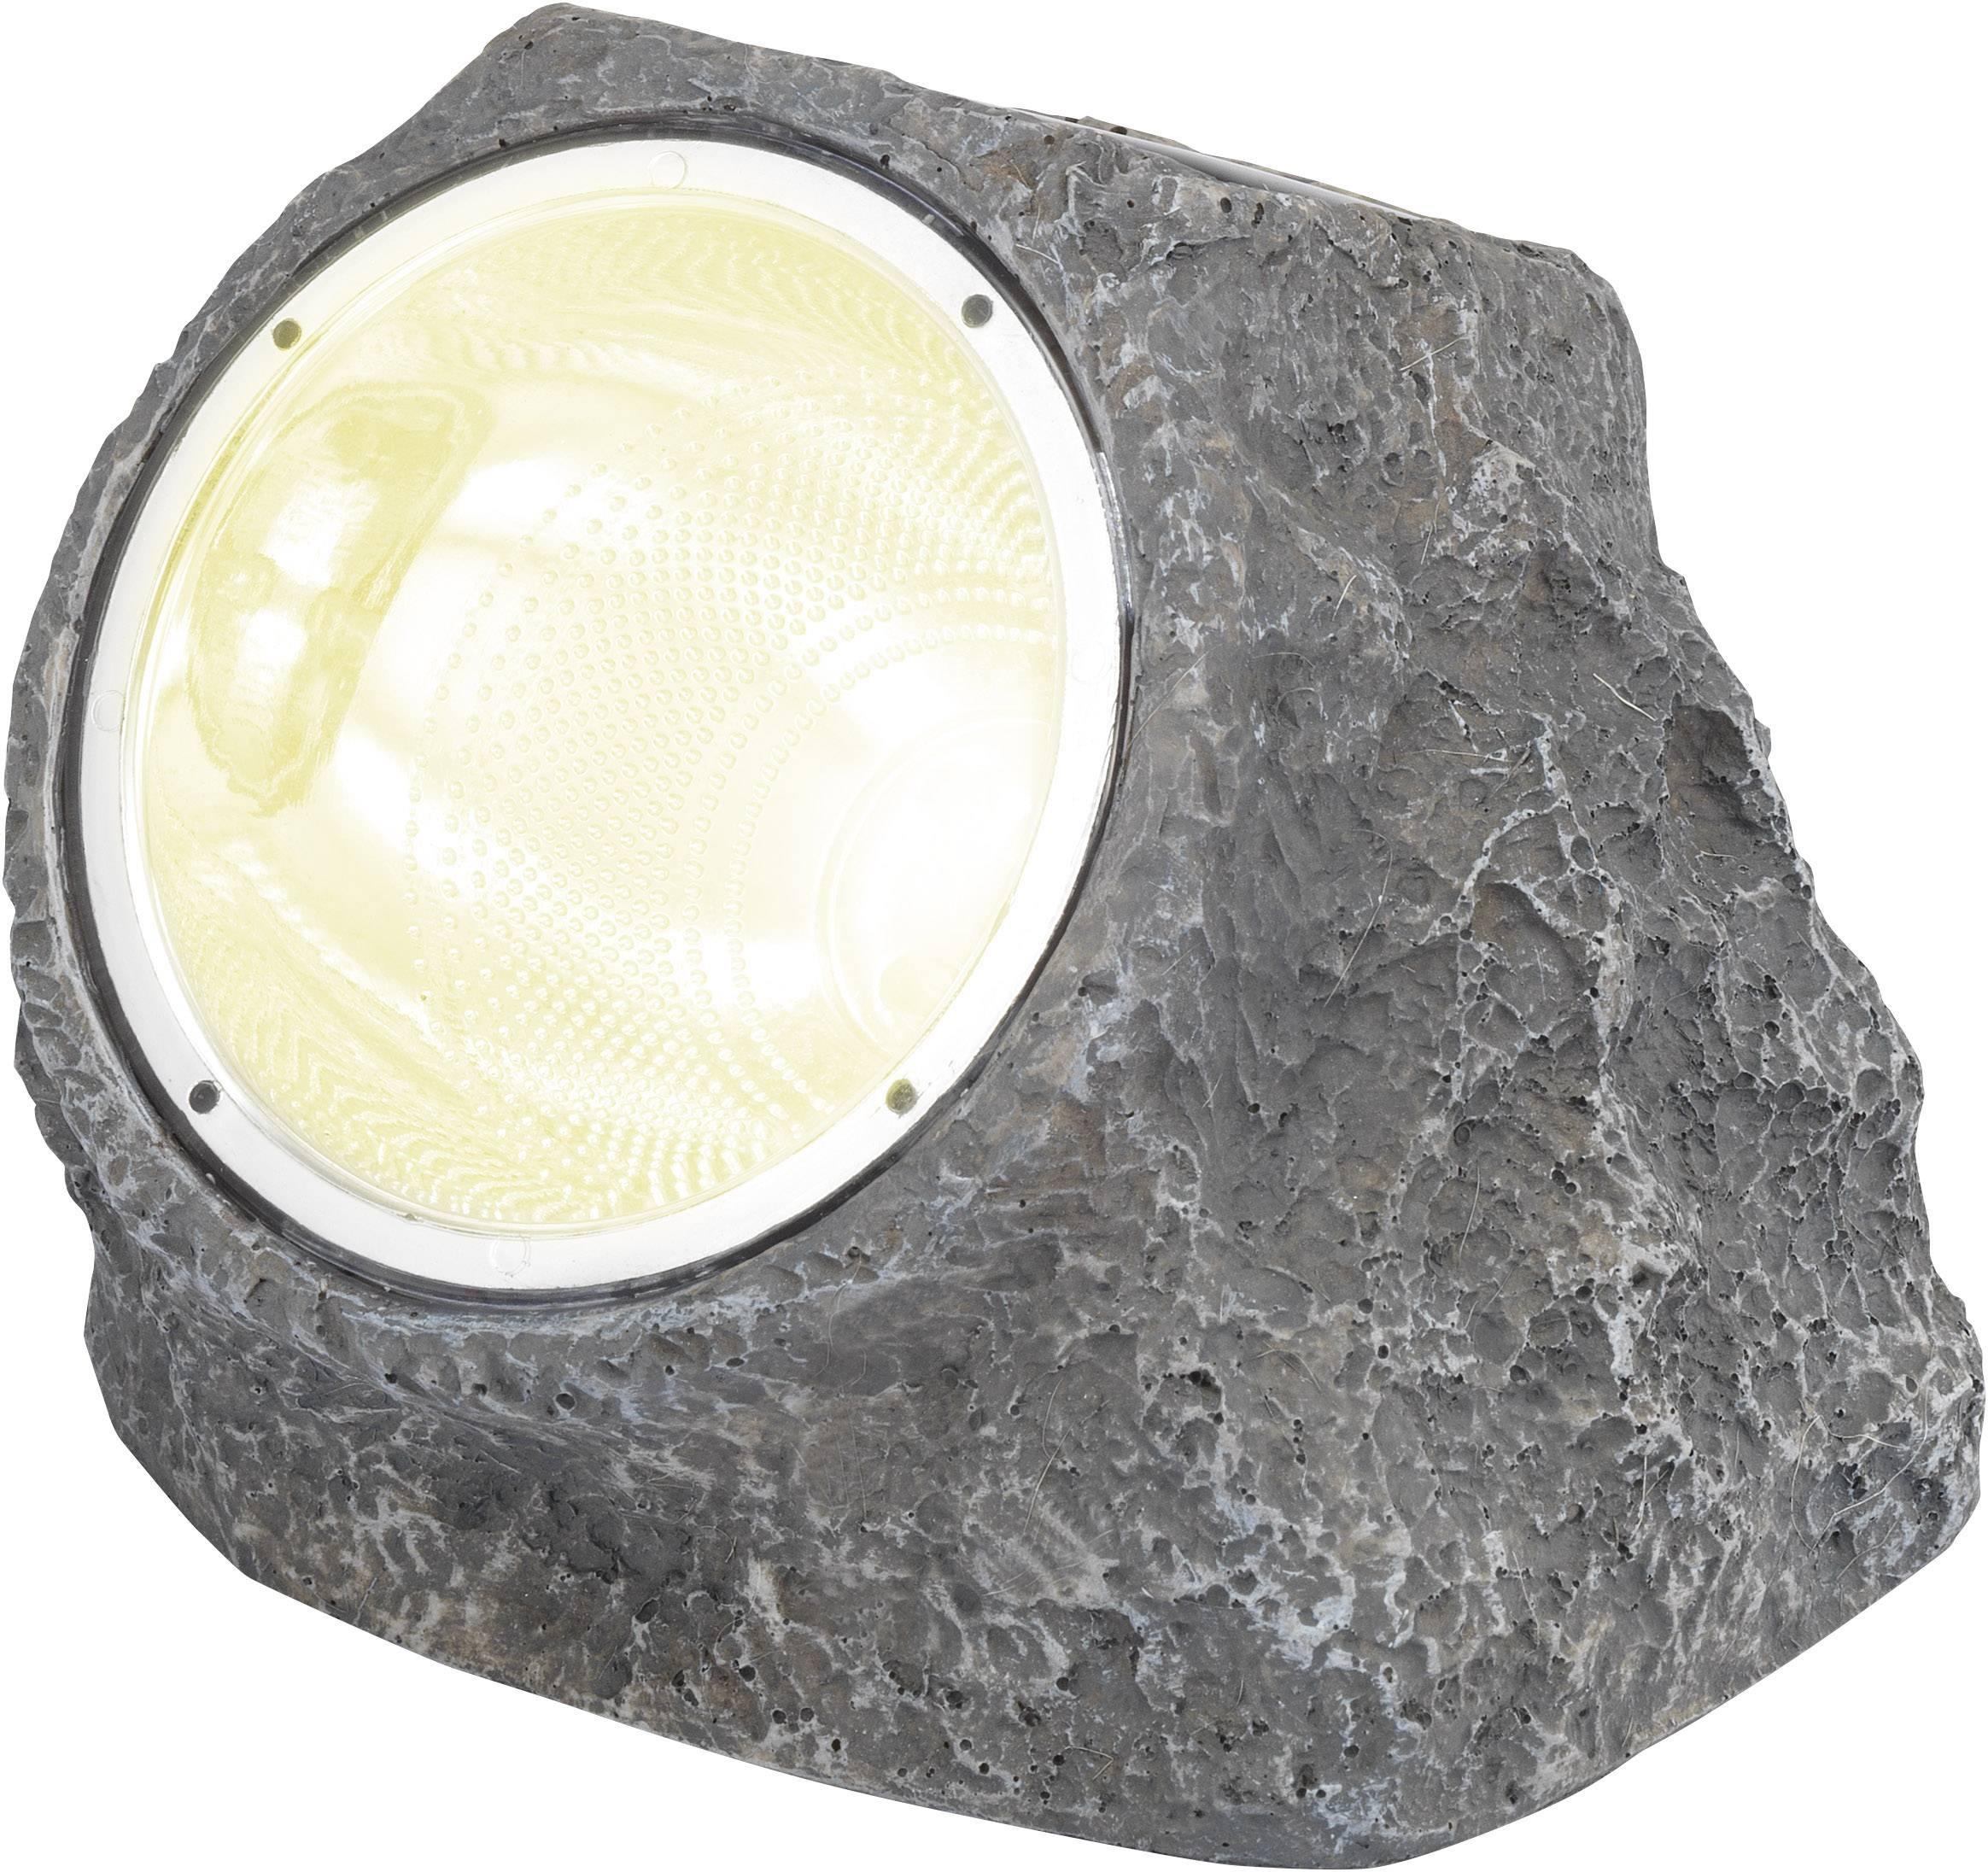 LED solárne dekoračné osvetlenie kameň Renkforce IP44, sivá, biela